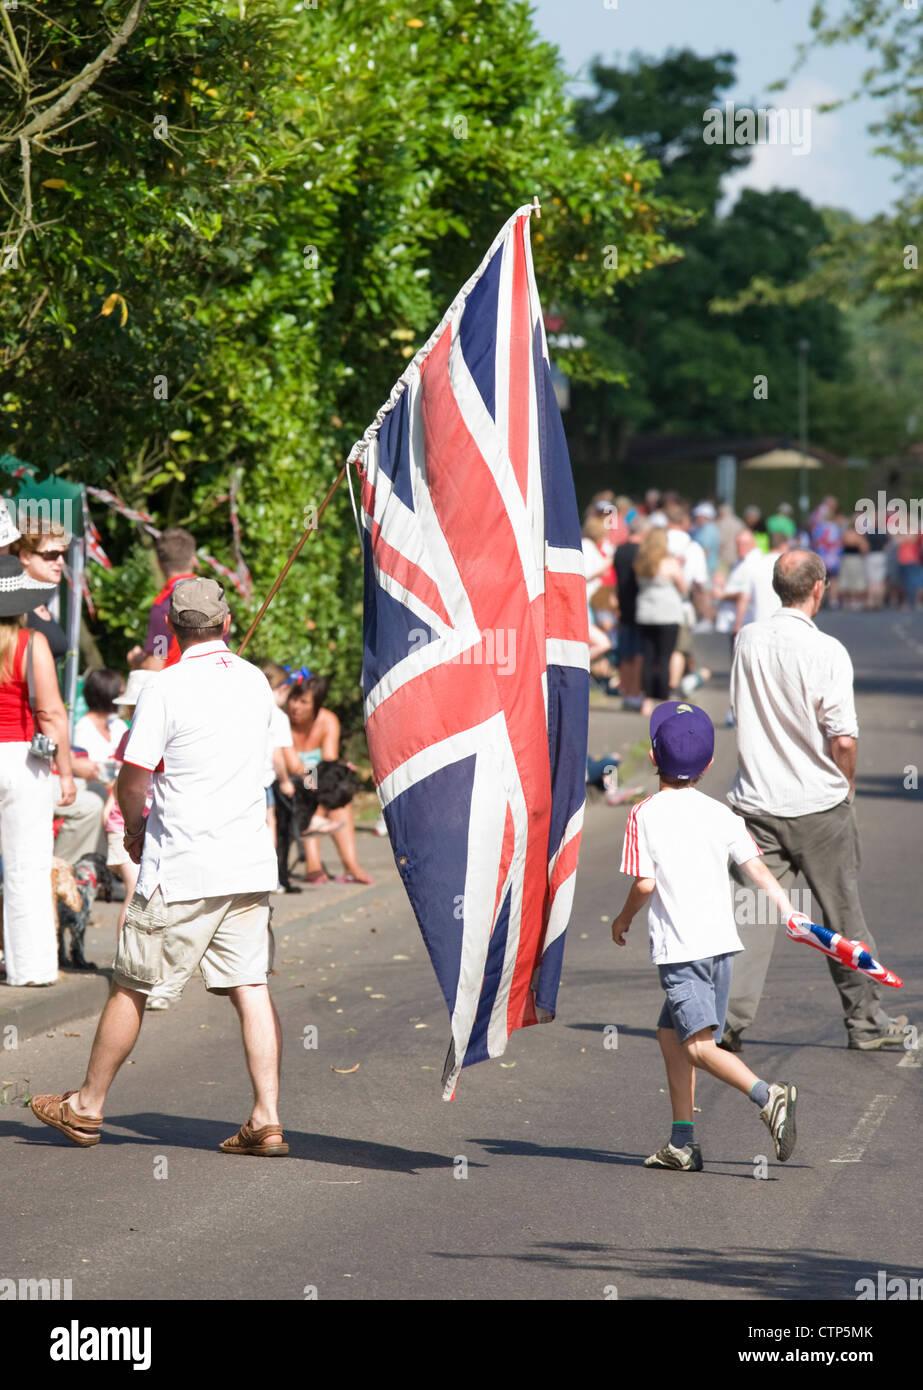 Juegos Olímpicos de Londres 2012. Encuentro de Hombres del ciclo Road Race en Ripley, Surrey. Imagen De Stock